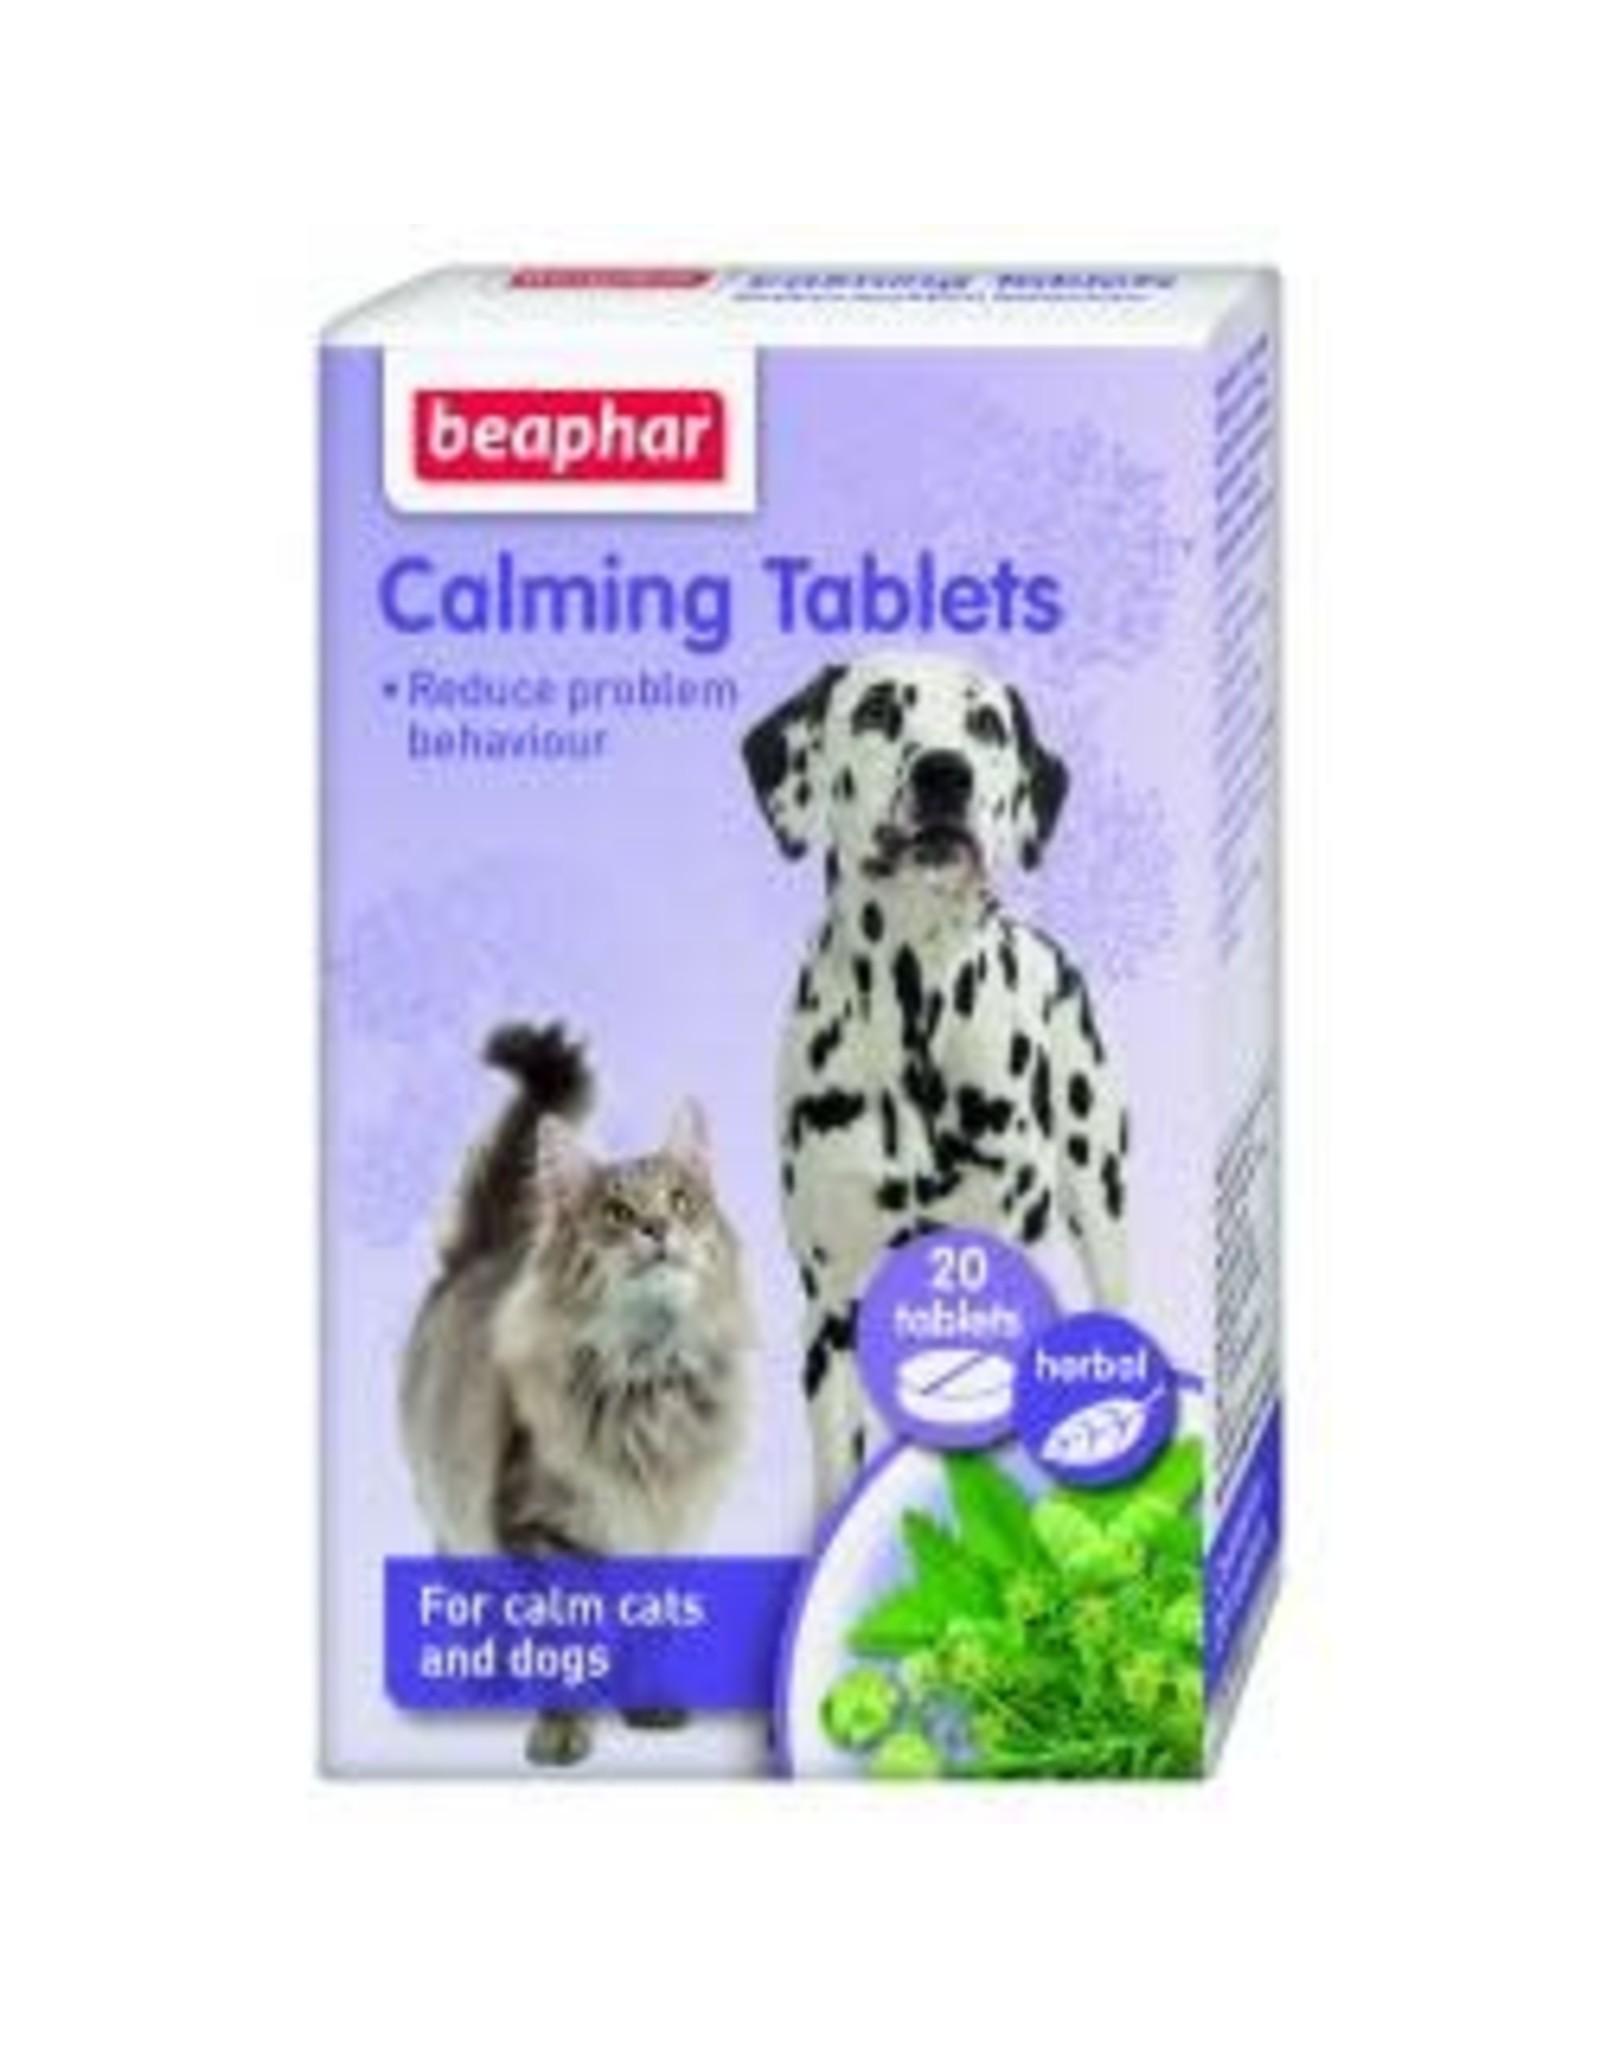 Beaphar Beaphar Calming Tablets For Cats & Dogs